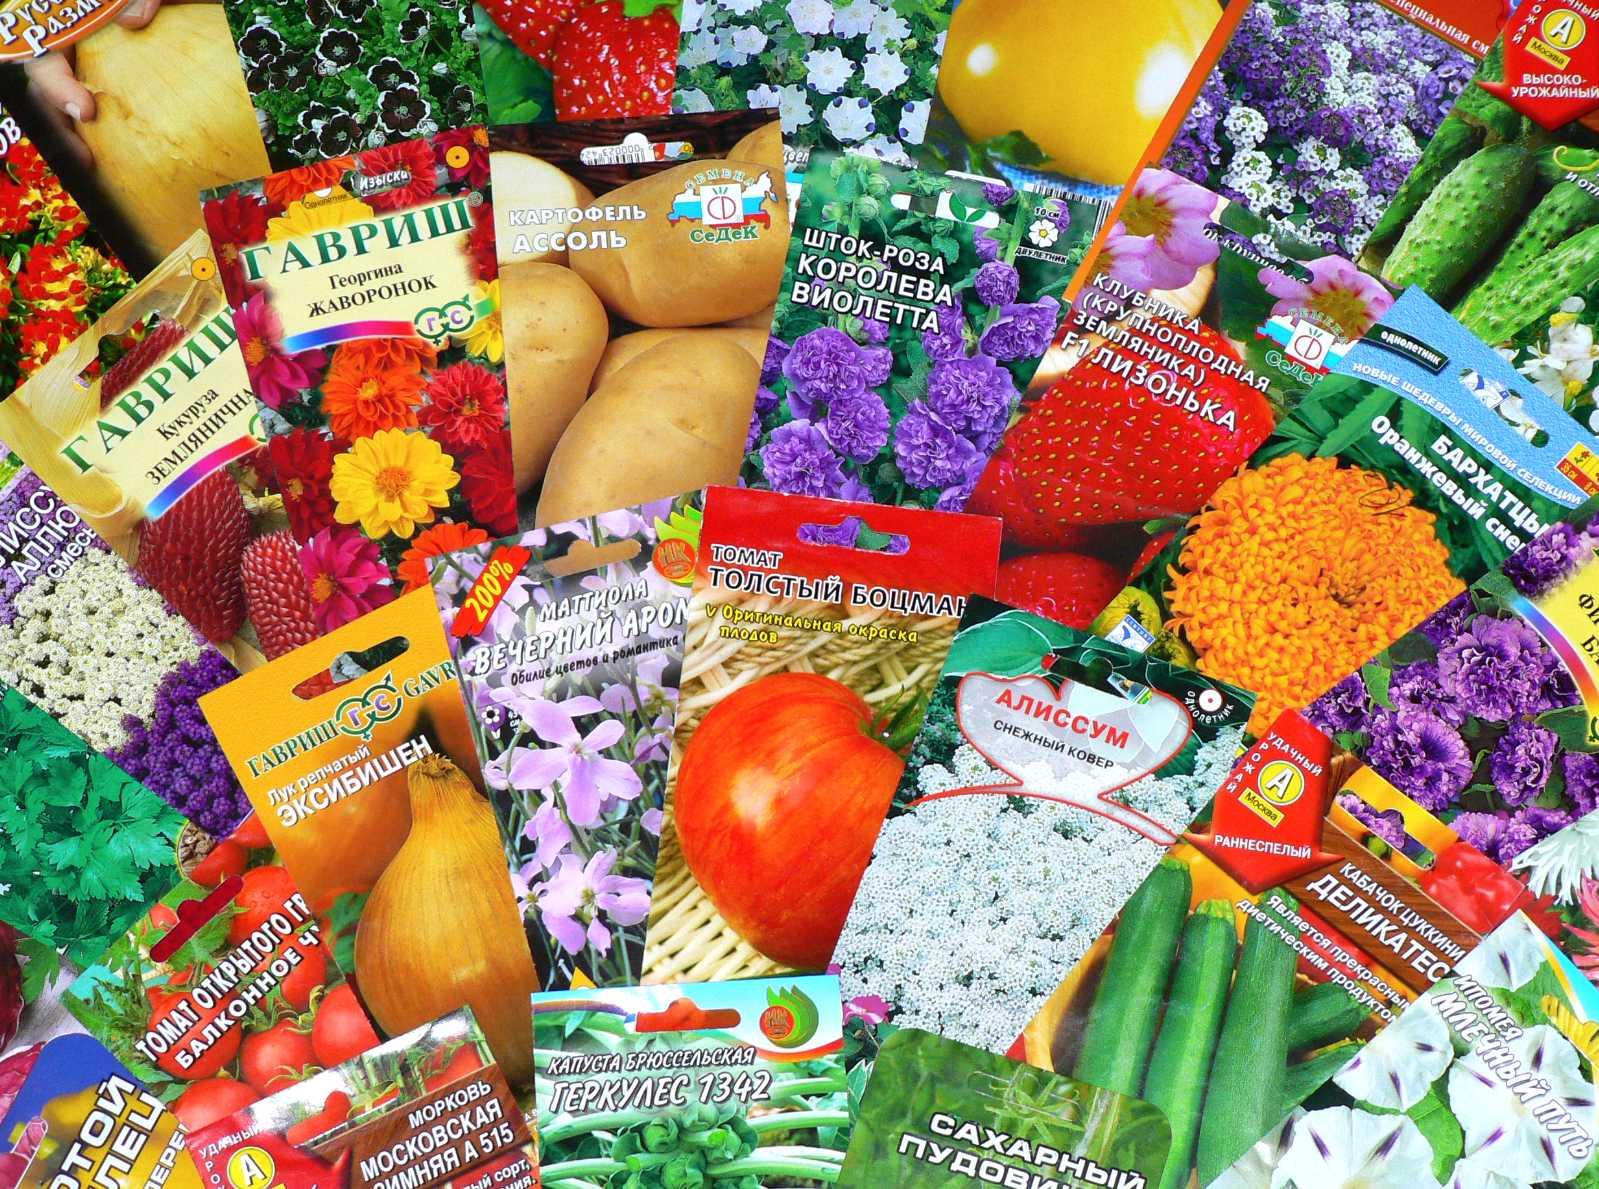 Как выбрать всхожие семена